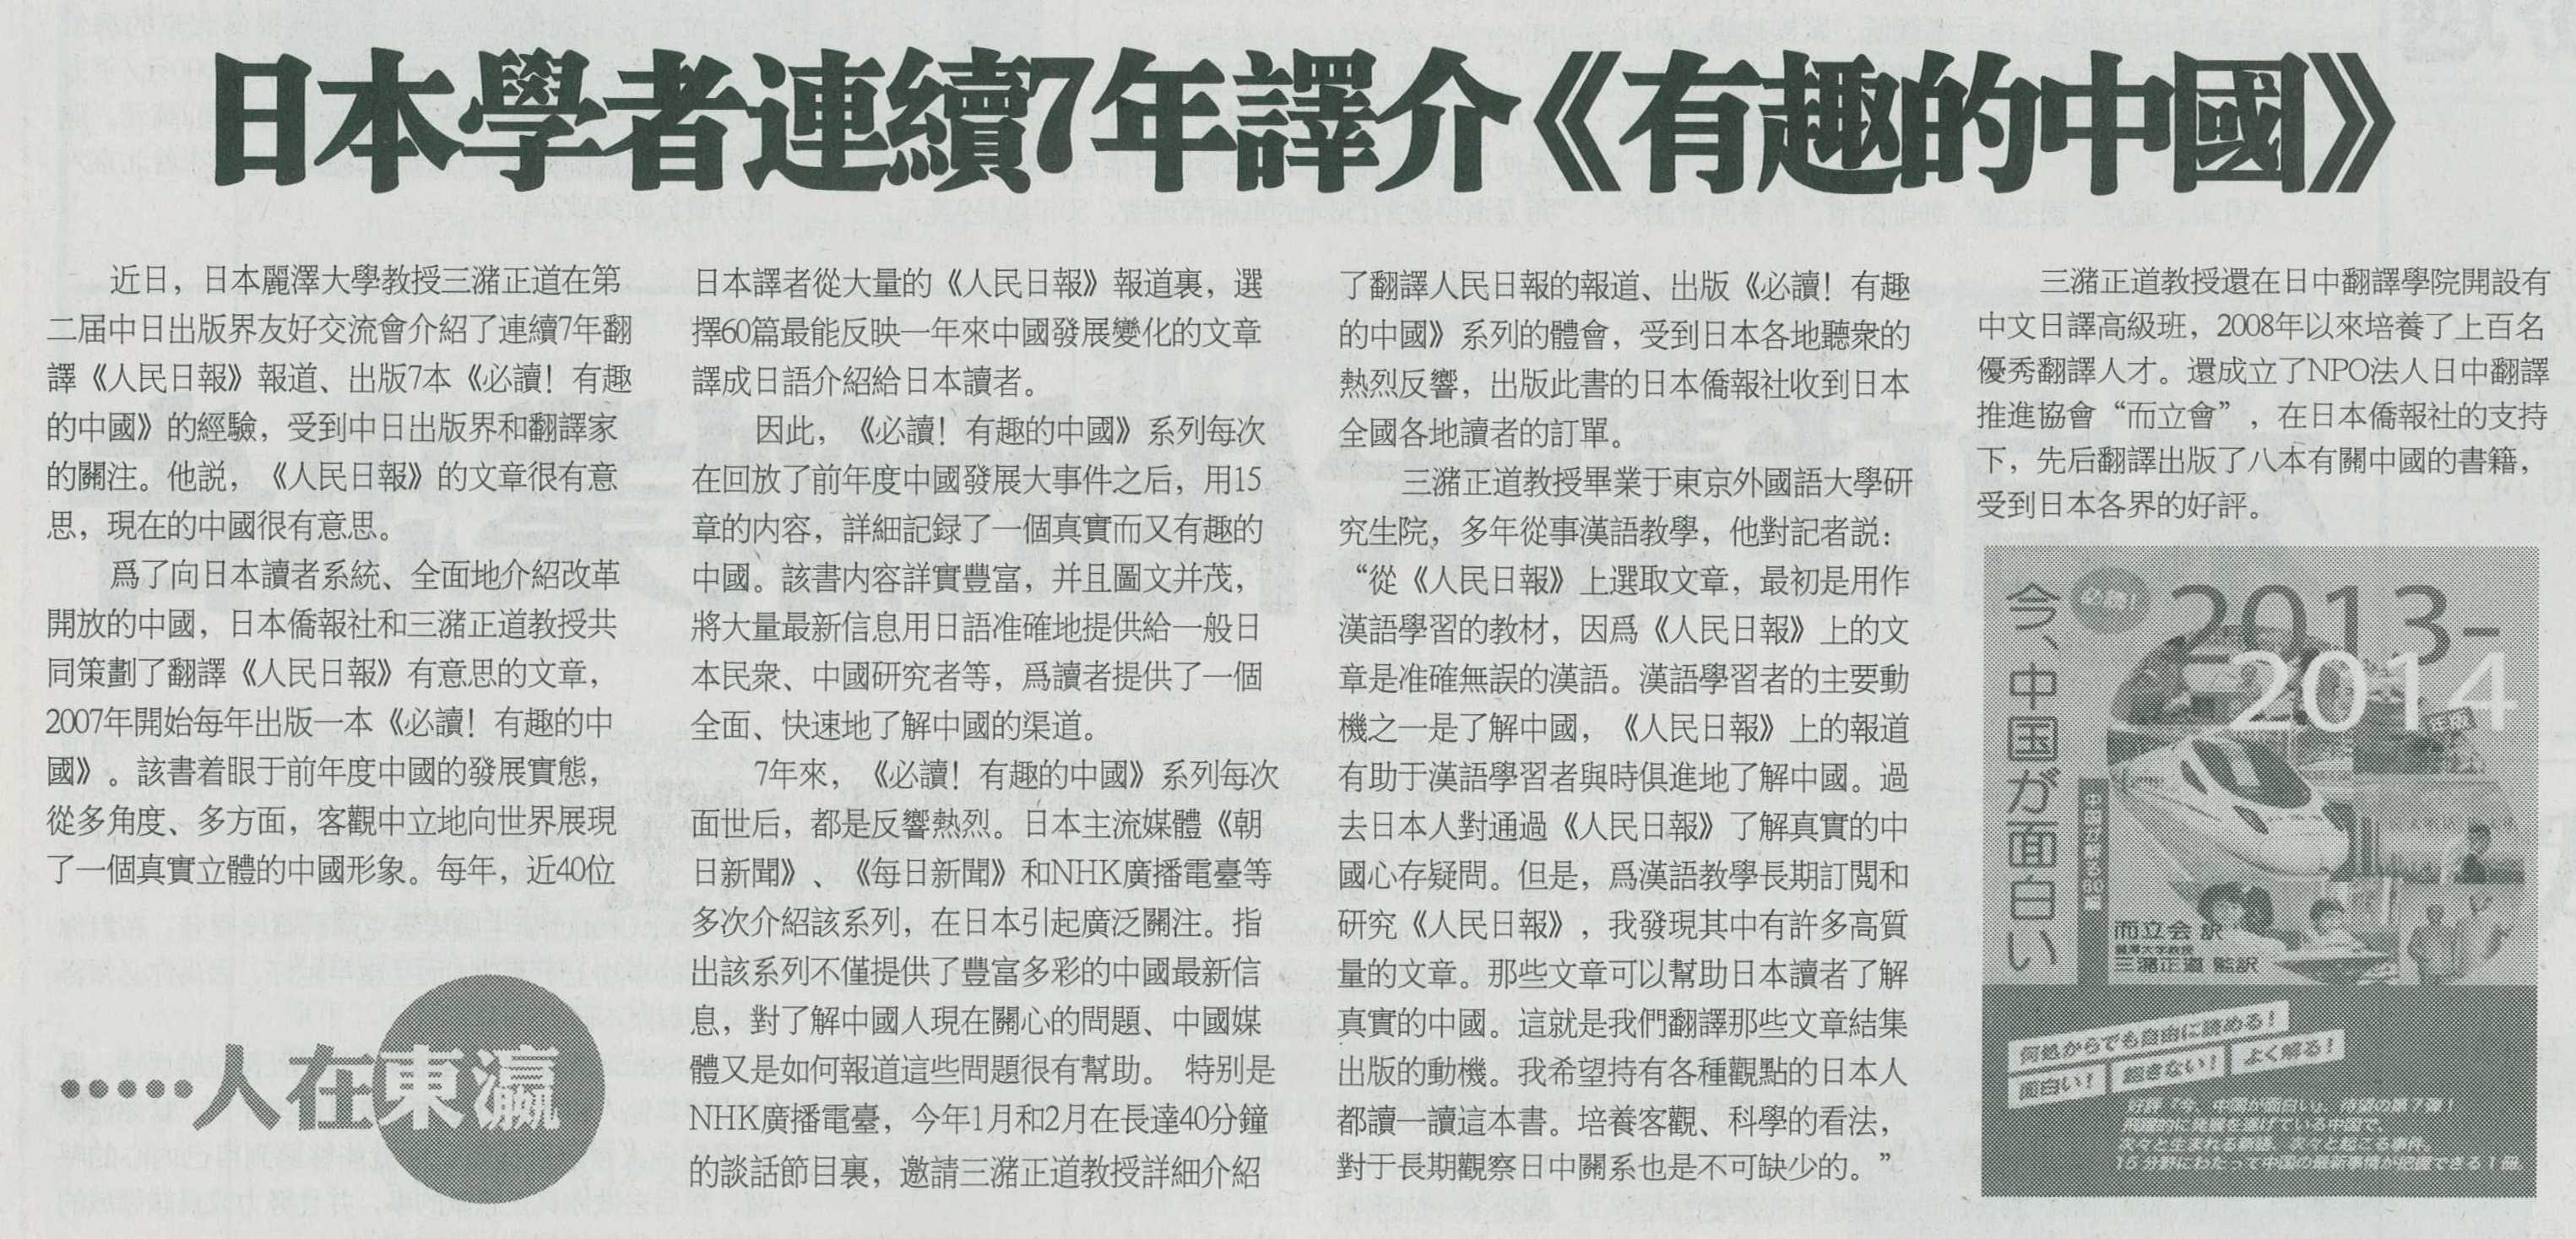 日本学者连续7年译介@人民日报 好文章,出版七本《必读,有趣的中国》,《阳光导报》刊登图文报道_d0027795_10131684.jpg